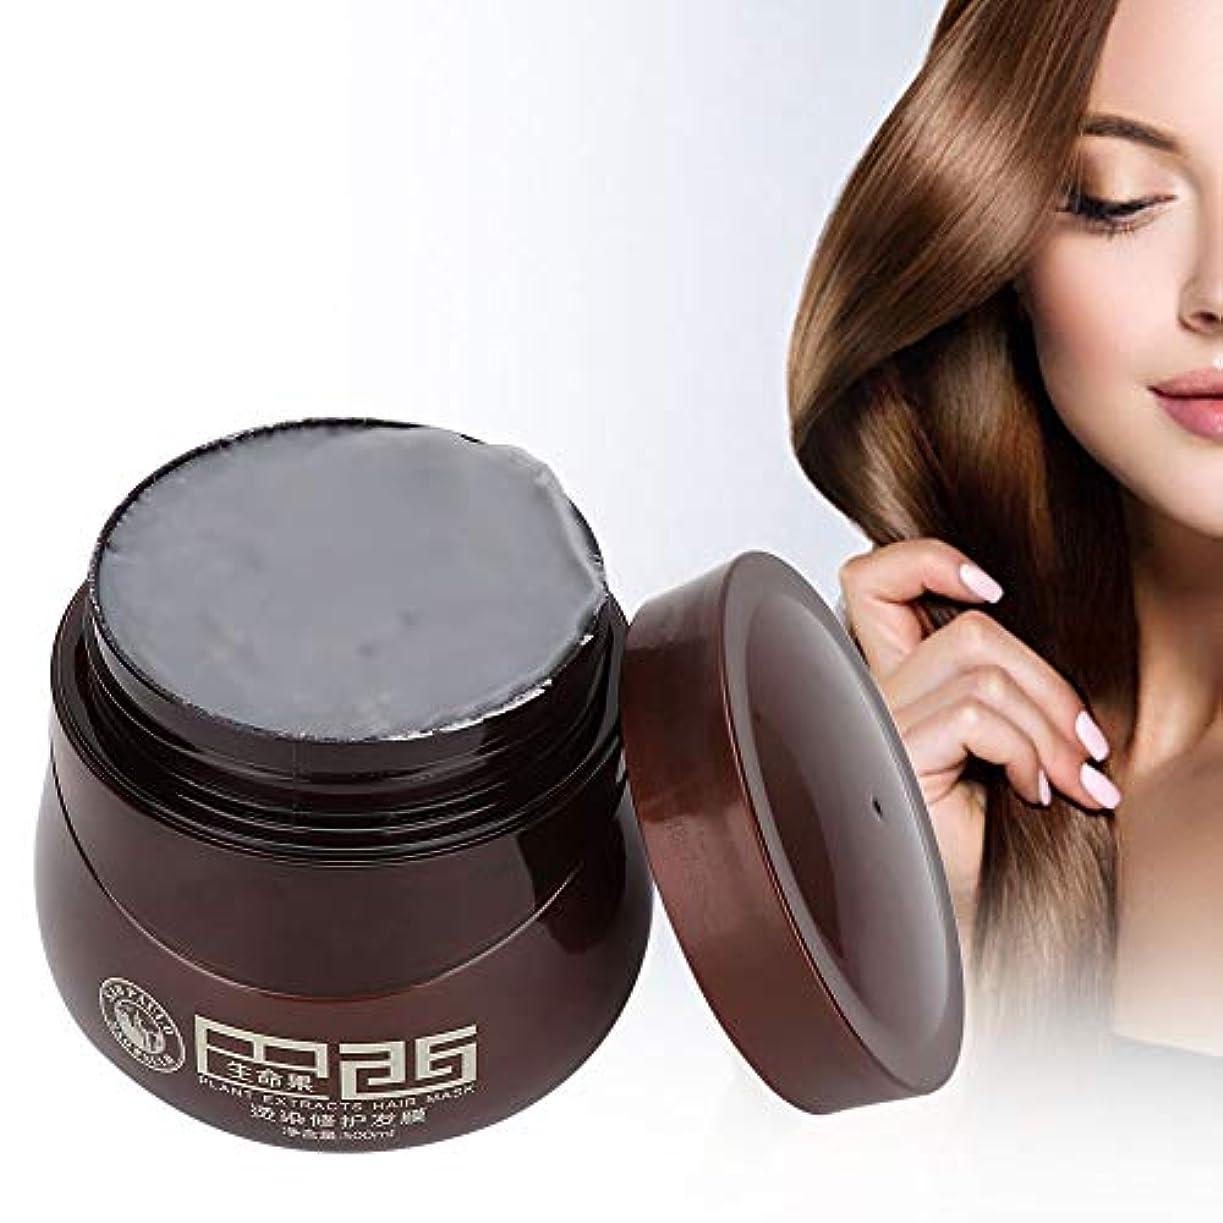 メルボルン手紙を書くスタウトヘアマスク、染毛剤ダメージヘアナリッシングリペアマスクトリートメントコンディショナープロのヘアサロンや家庭での使用に最適500ml